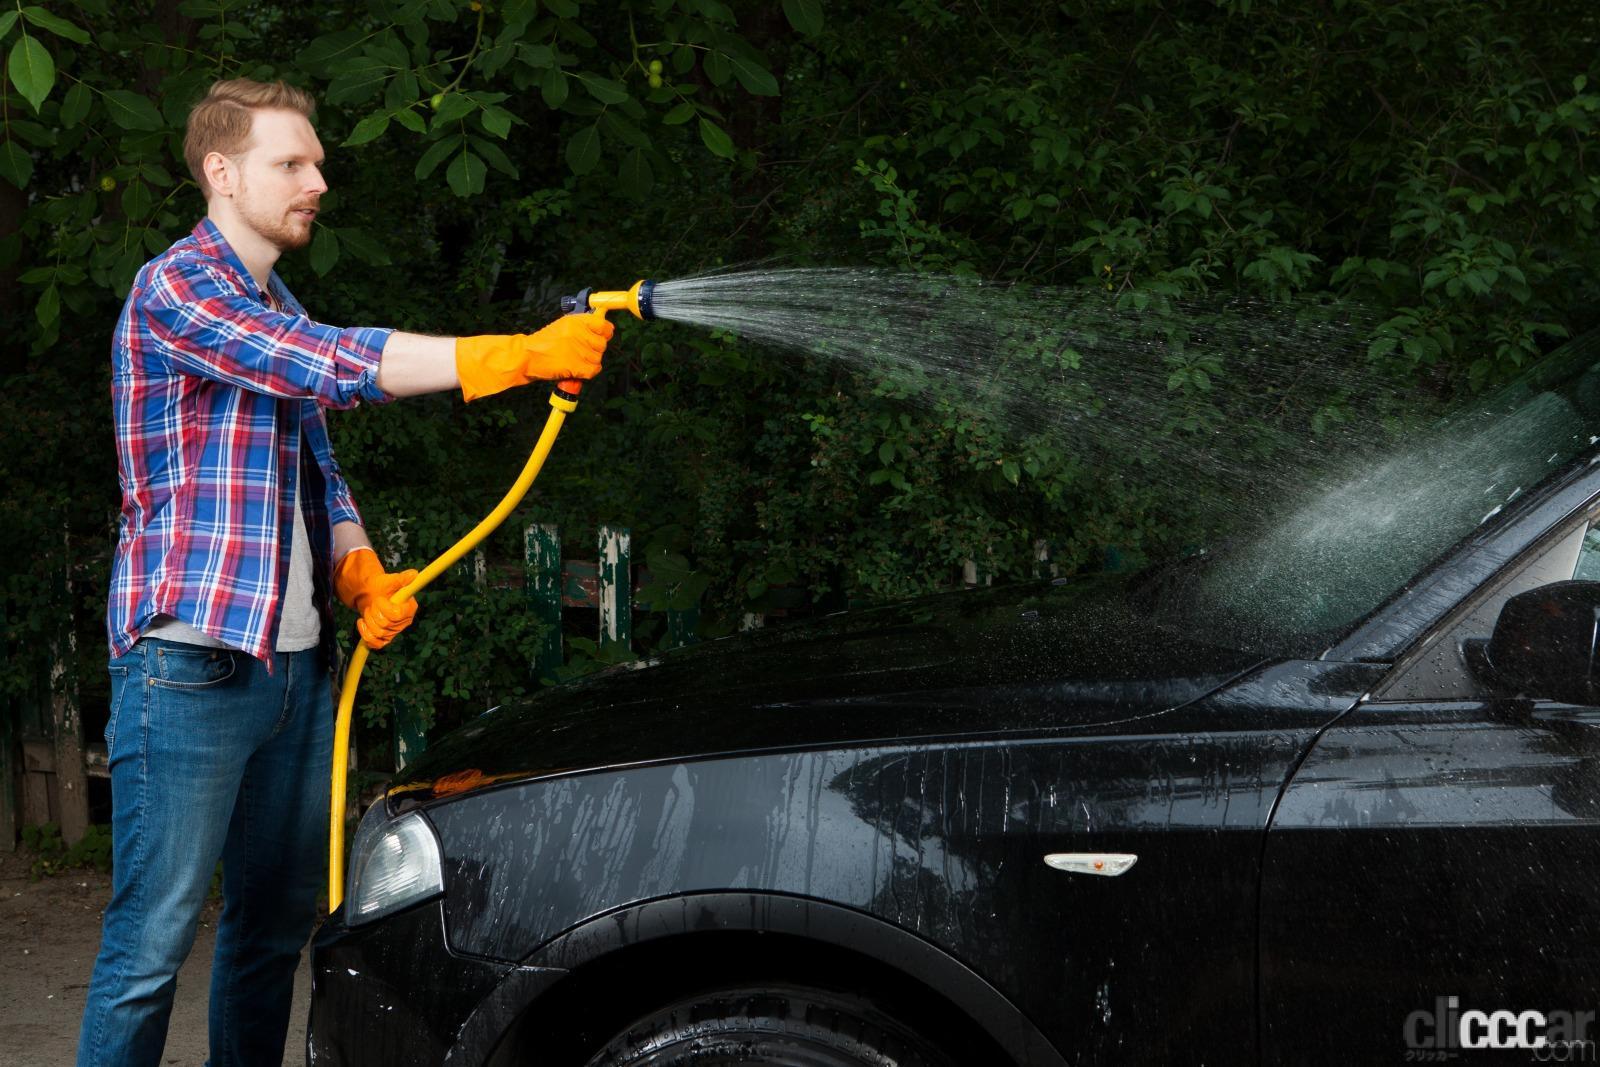 「約5分で快適! 炎天下に駐車後、すぐに車内を冷やす「エアコン」の正しい使い方」の8枚目の画像